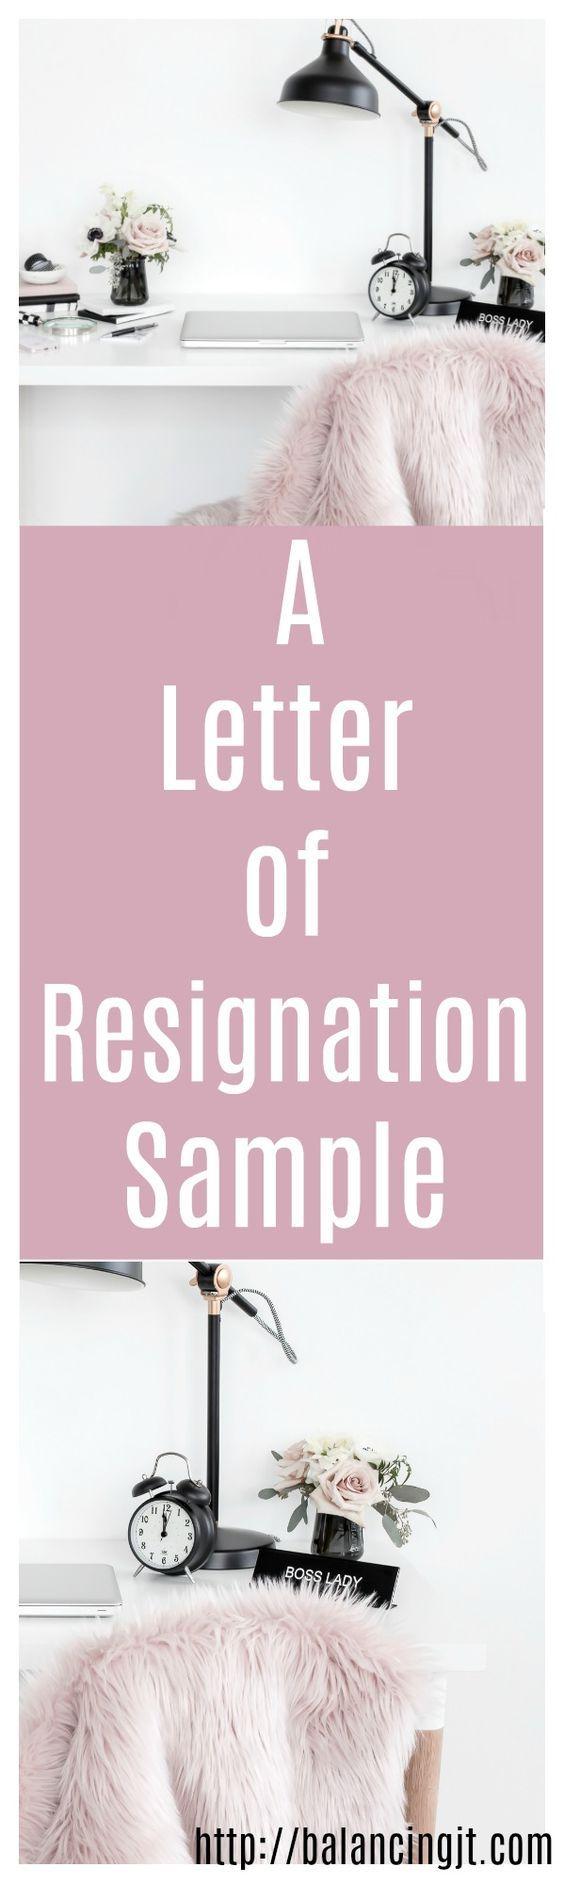 Letter of resignation sample, letter of resignation template, resignation tips.